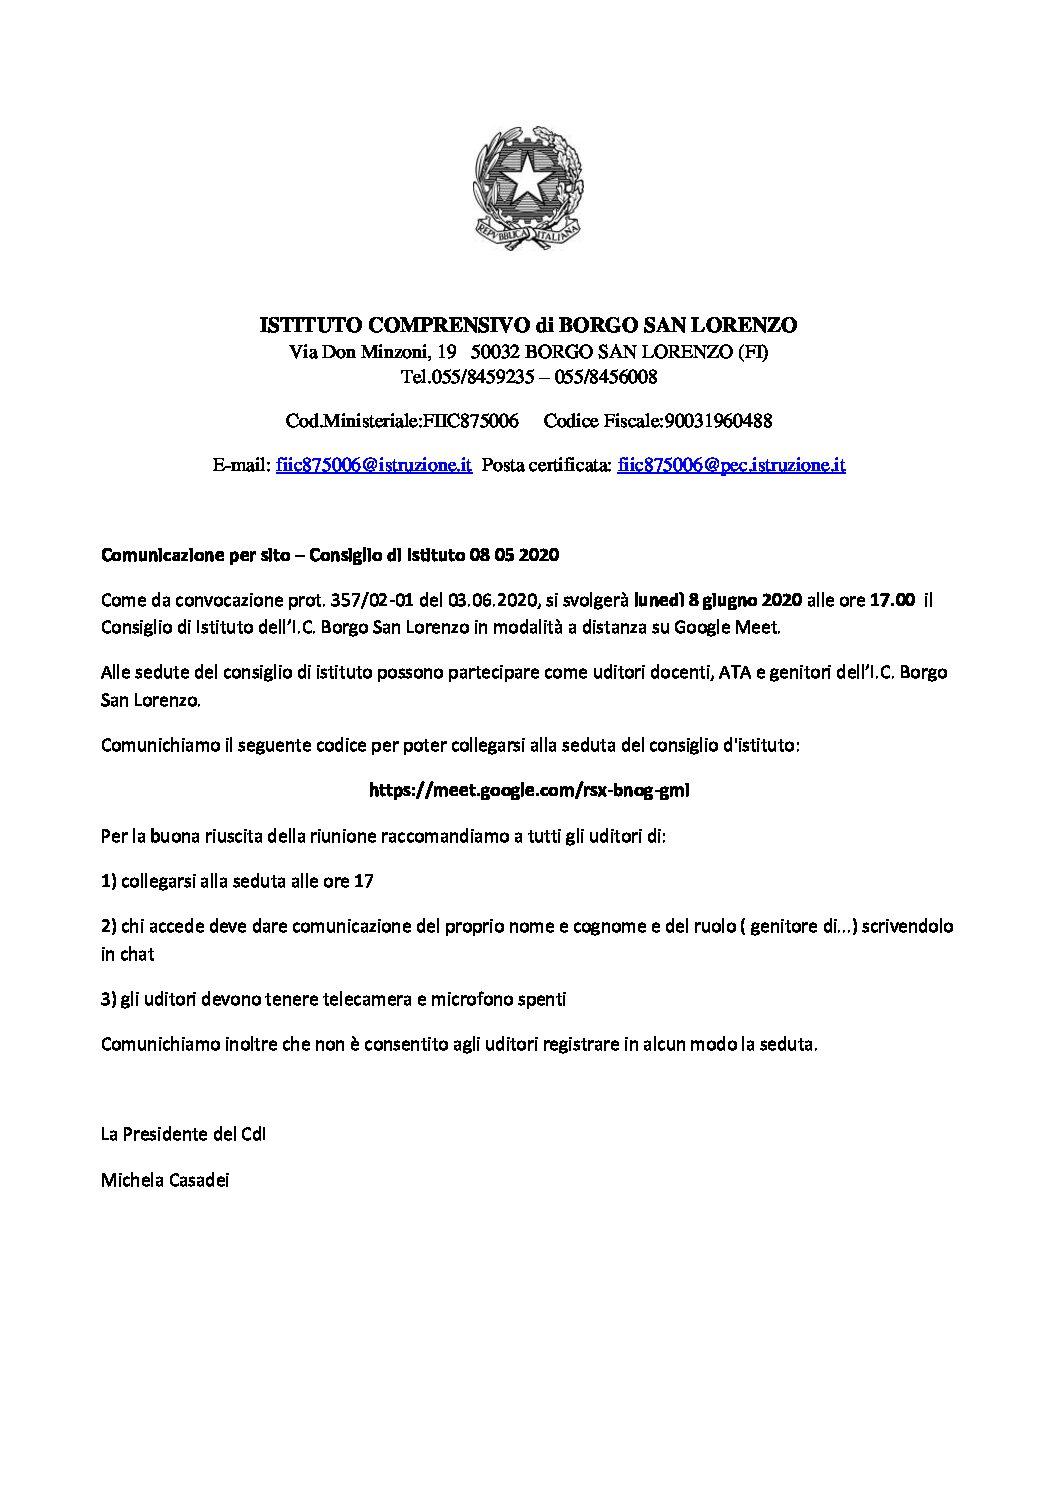 Comunicazione consiglio di istituto 08/06/2020